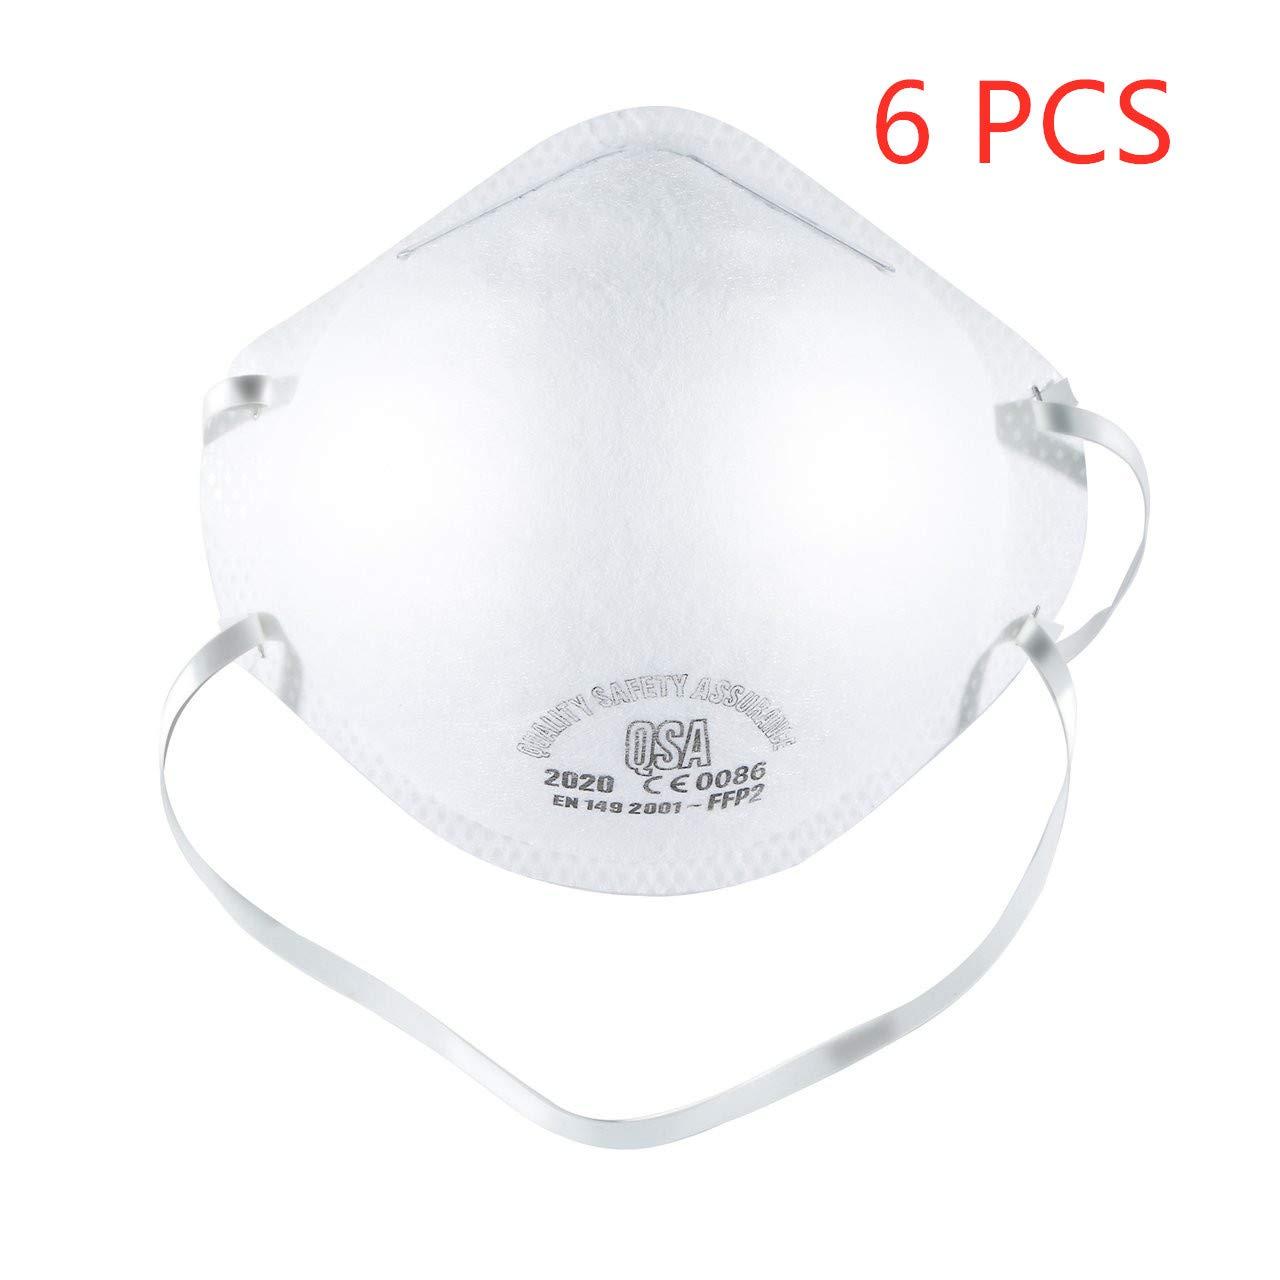 Antipolución FFP2 Máscara N95 máscara N99, con válvula de capas Filtro FFP2 98% Bacterias Anti PM2.5 Neumonía Protección contra la gripe Máscara de con